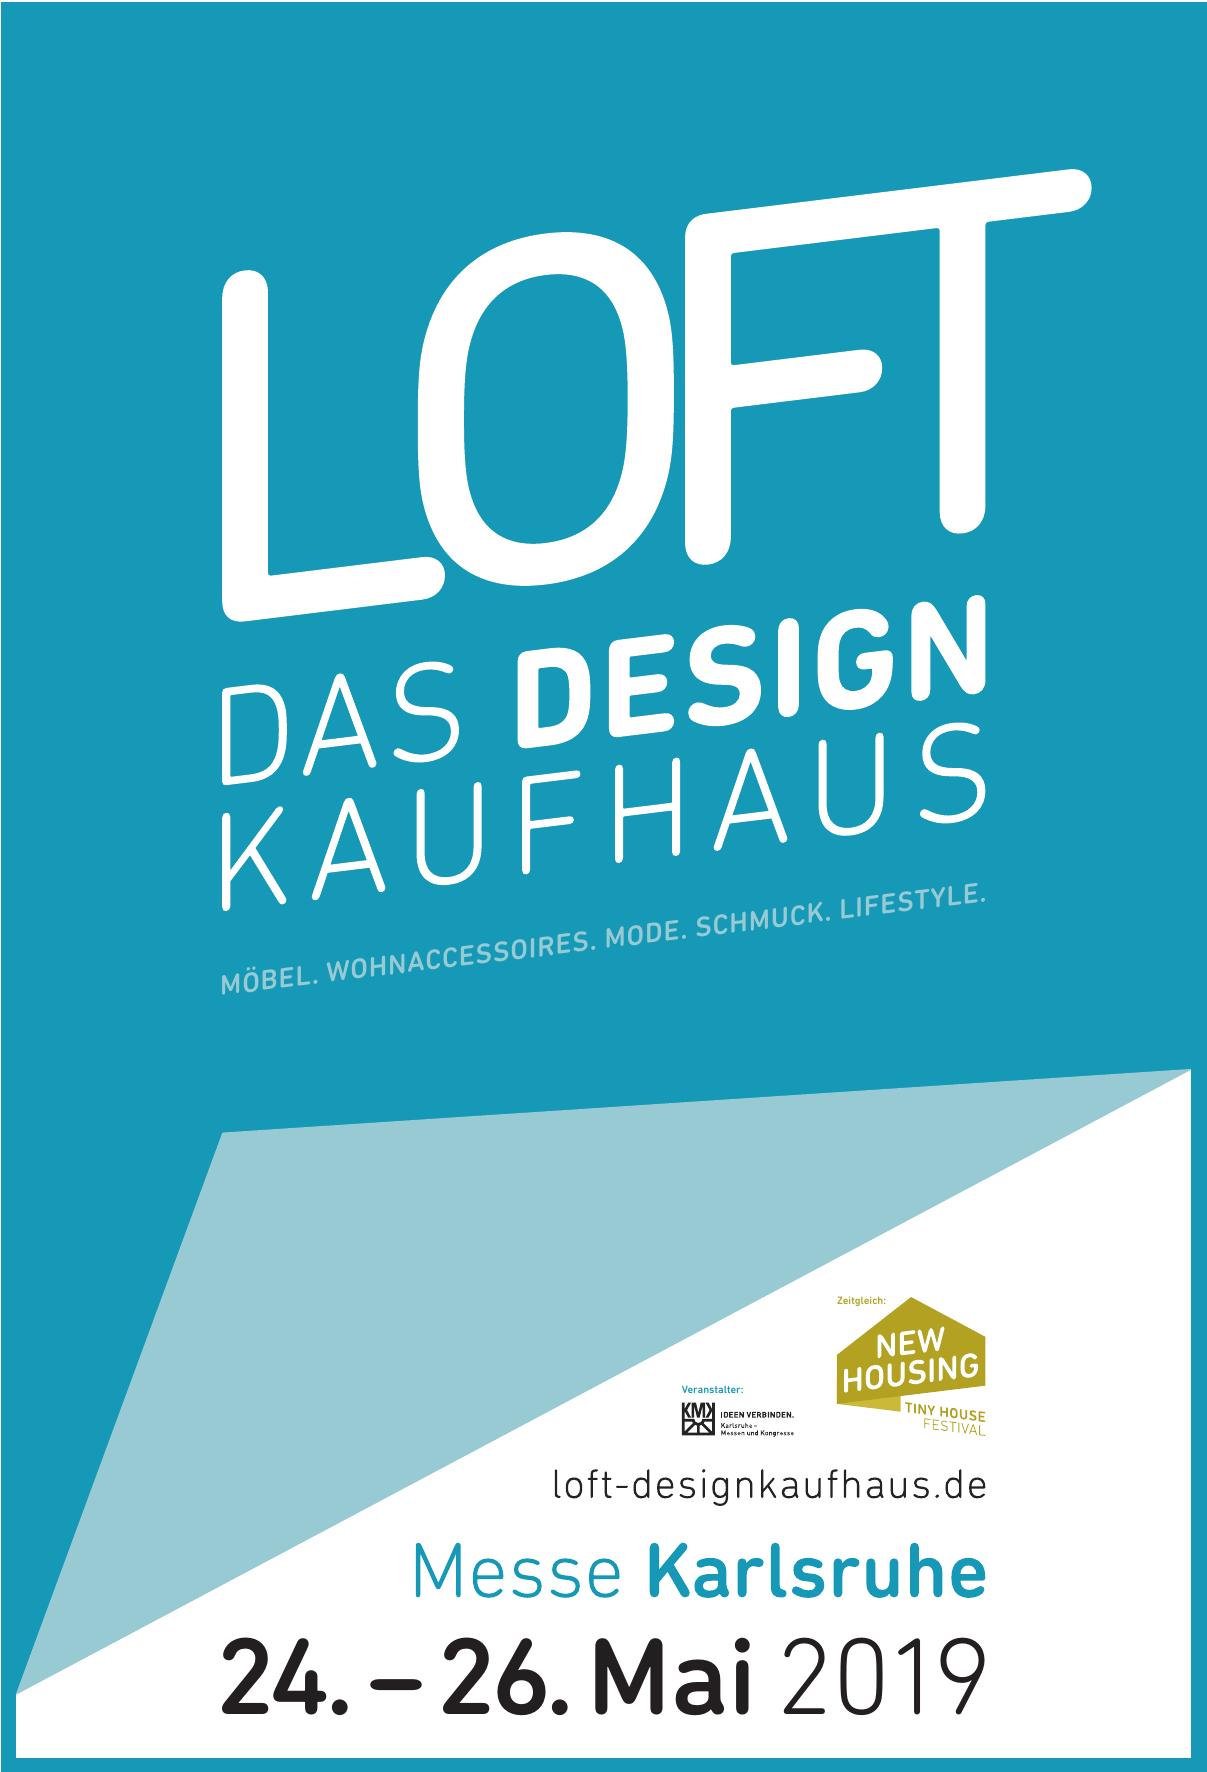 Loft – Das Designkaufhaus